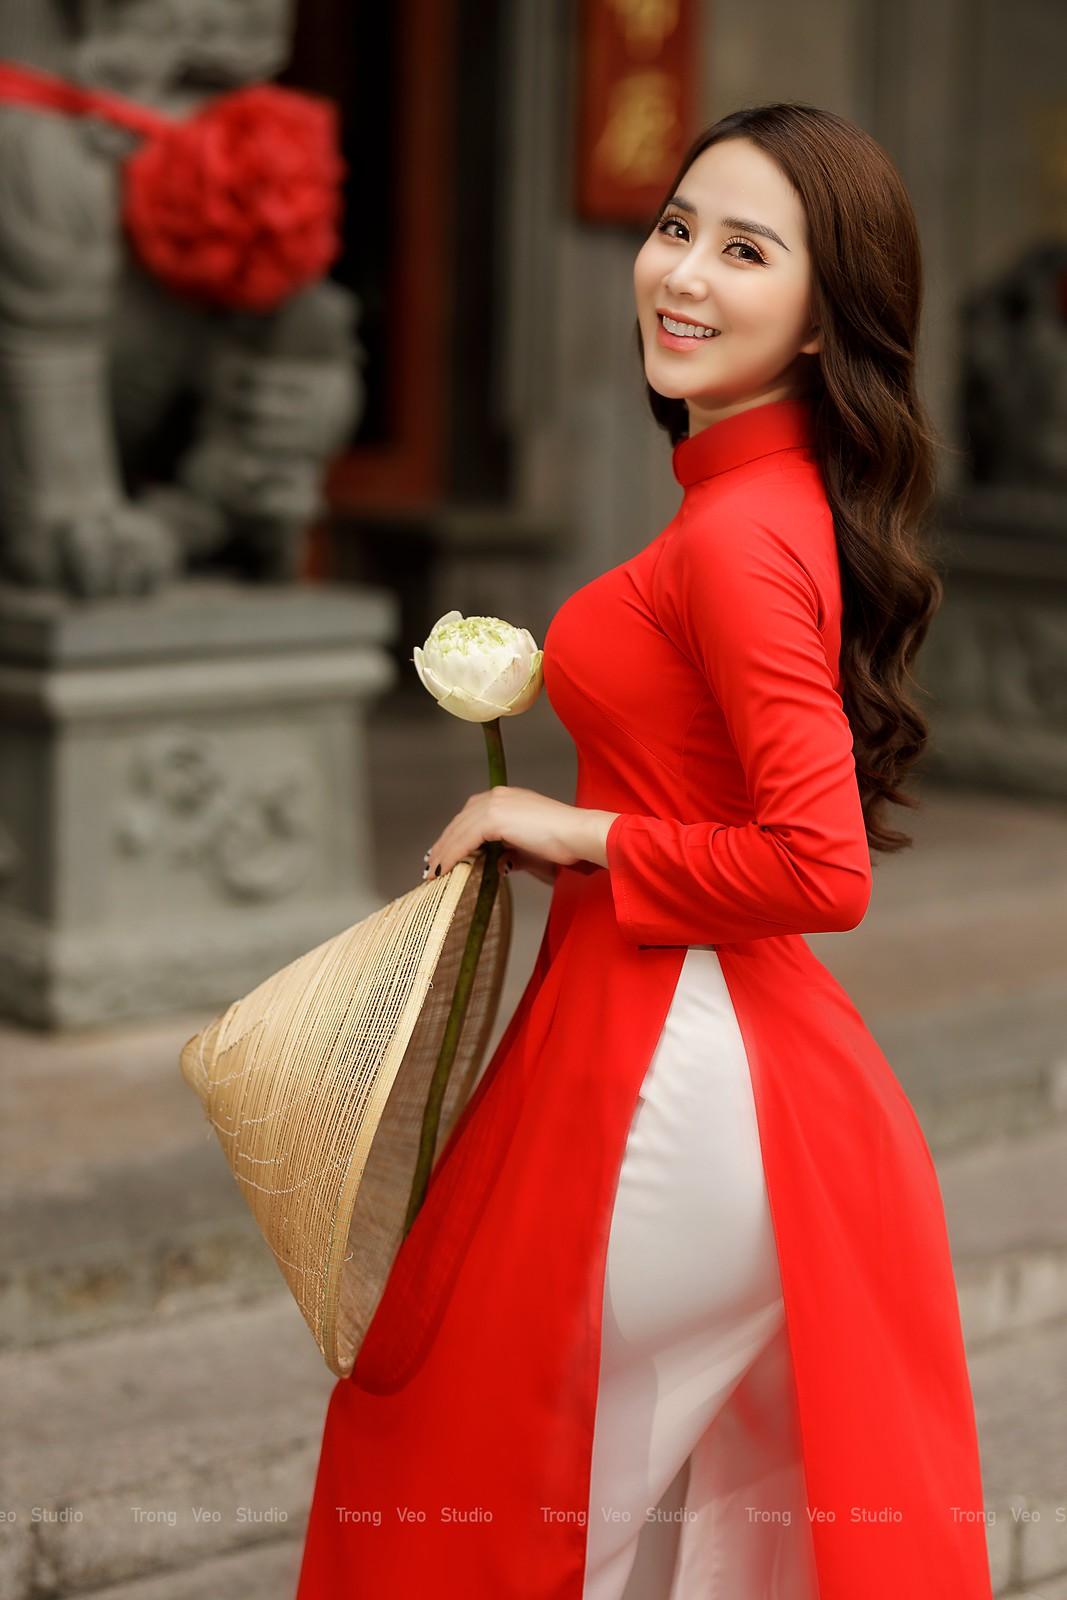 Ngắm hot girl Lục Anh xinh đẹp như hoa không sao tả xiết trong tà áo dài truyền thống - 21